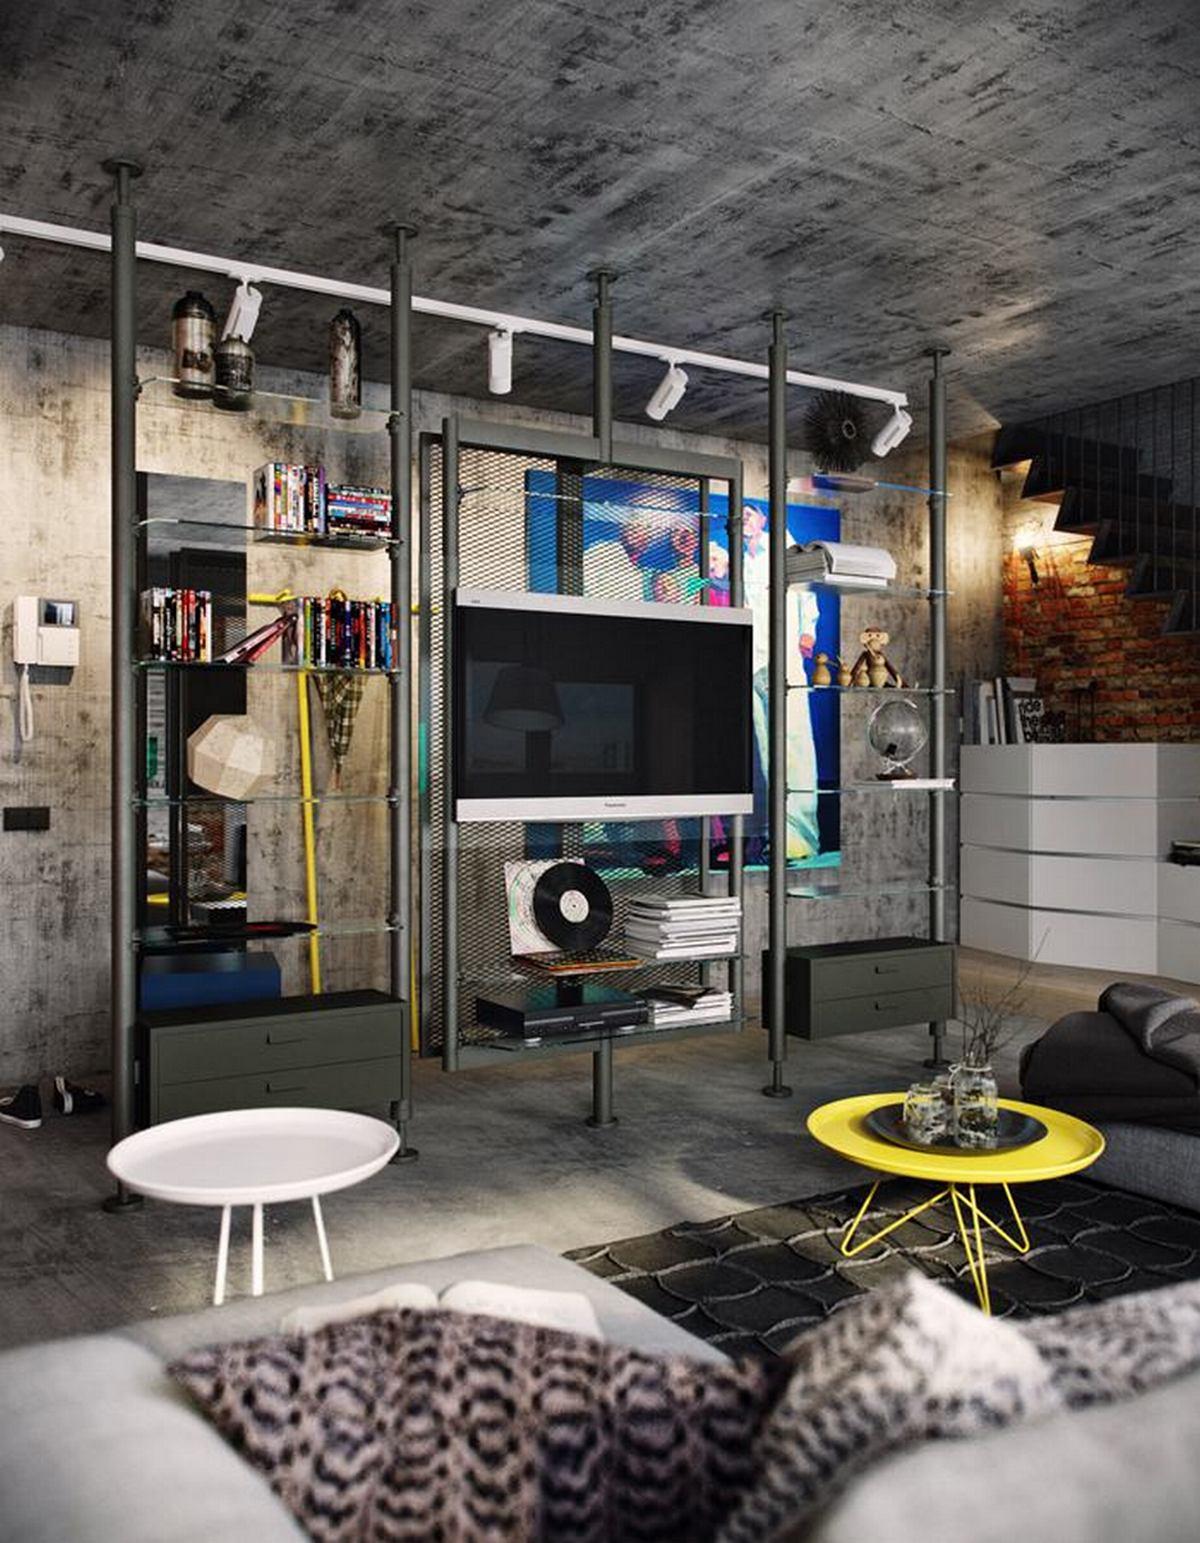 двухуровневые квартиры фото интерьеров